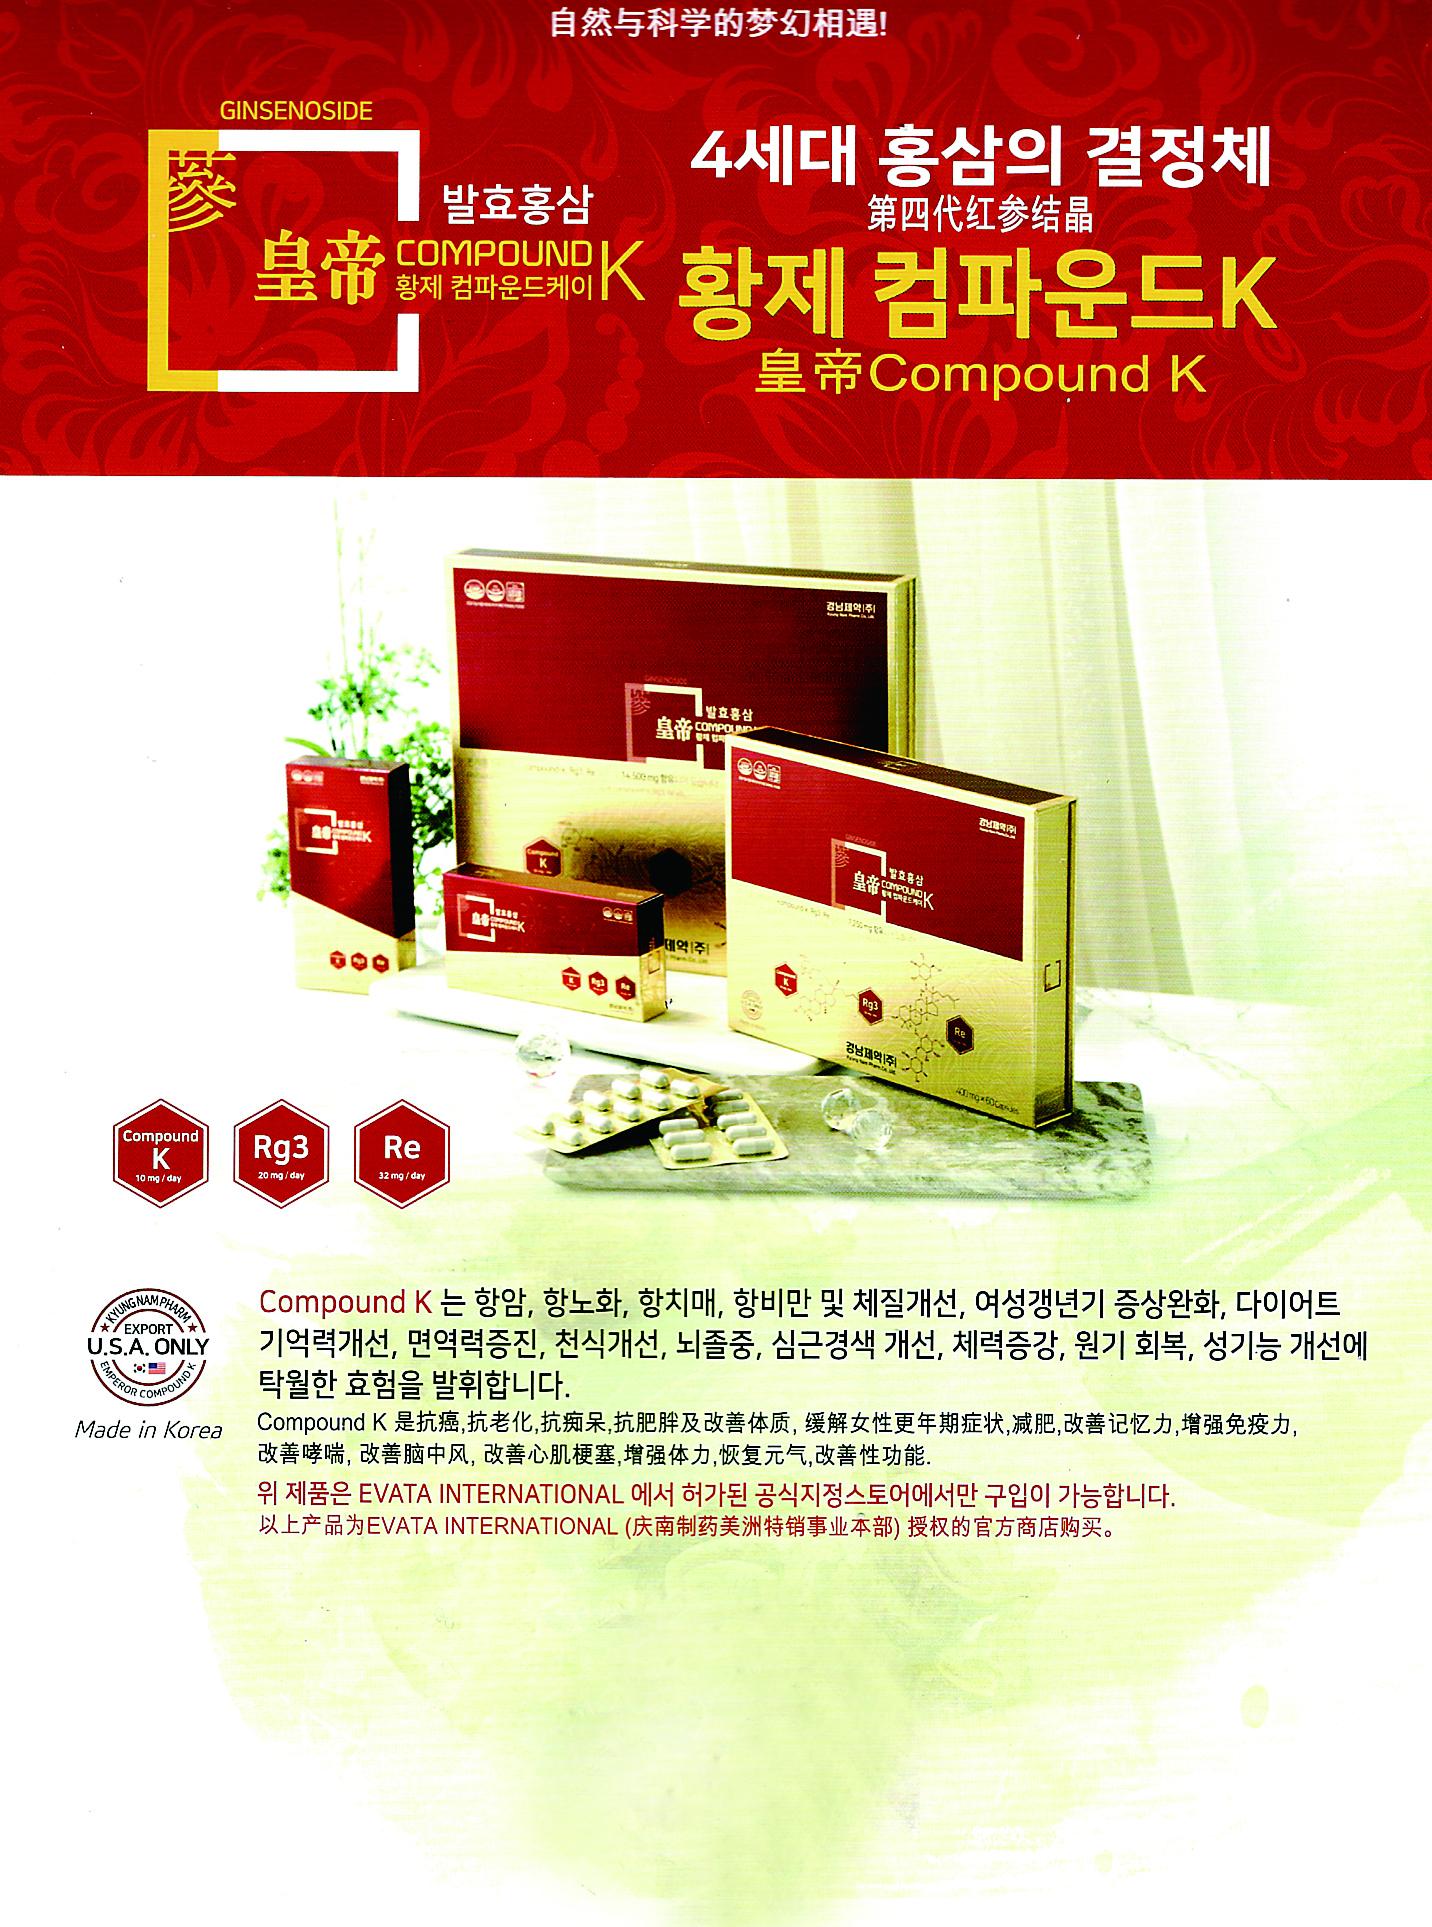 風靡韓國第一品牌大韓民國60年傳統的LEMONA慶南制藥公司出品,第四代紅參結晶「皇帝Compound K」。